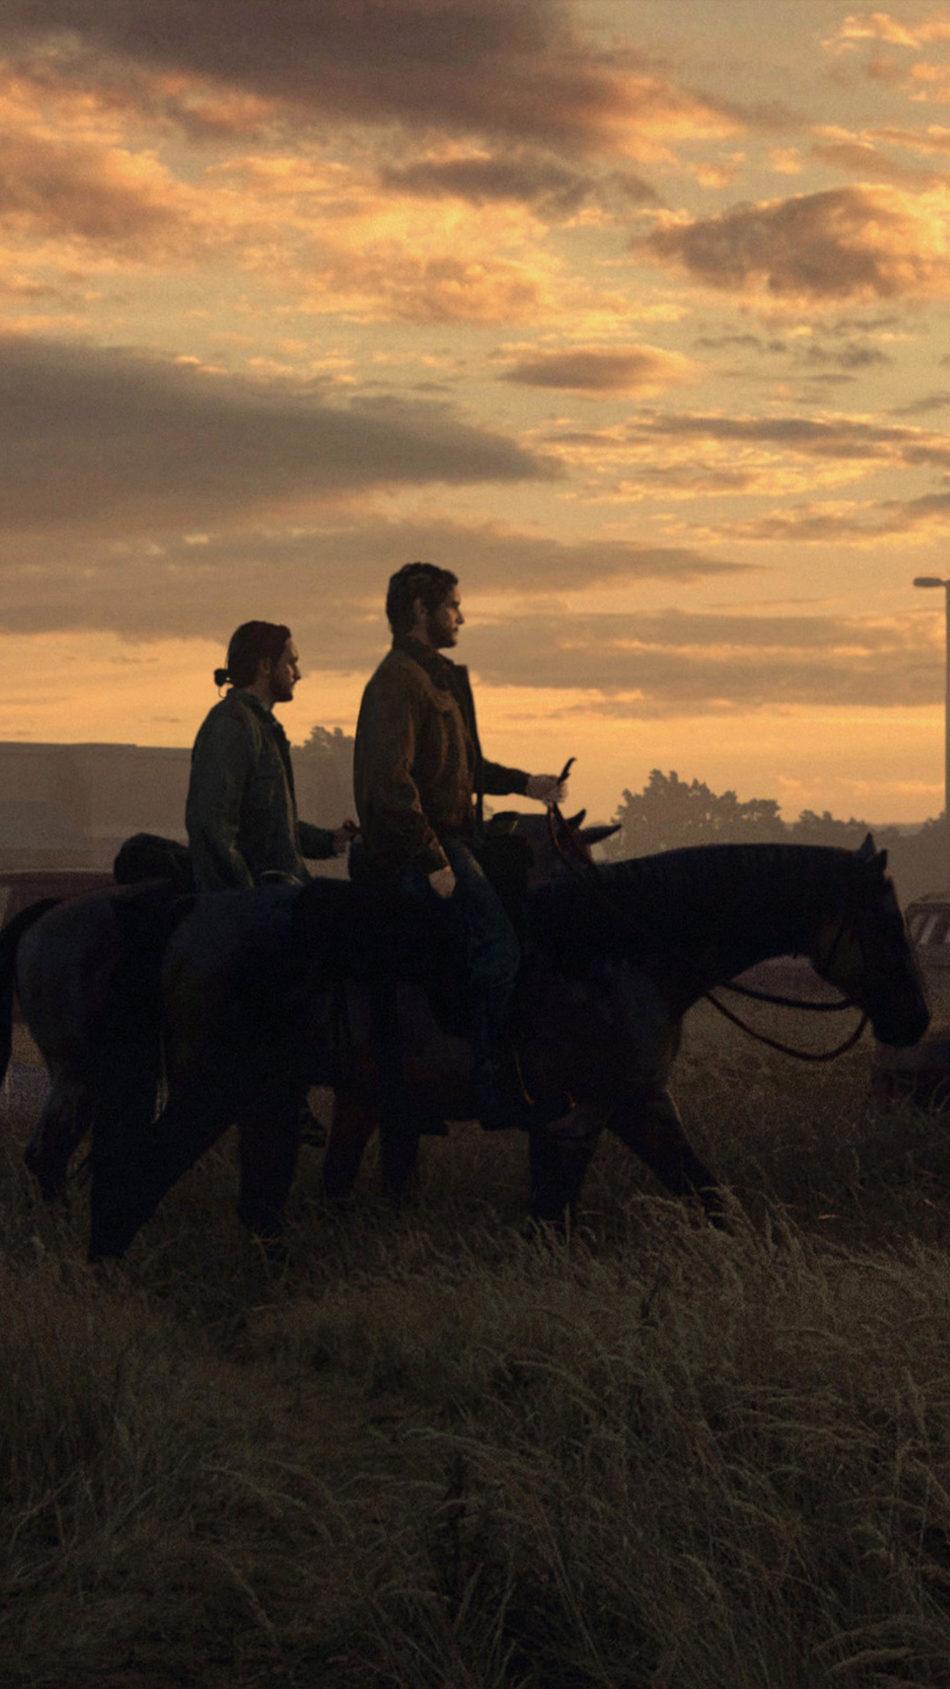 Joel & Tommy The Last of Us 2 4K Ultra HD Mobile Wallpaper